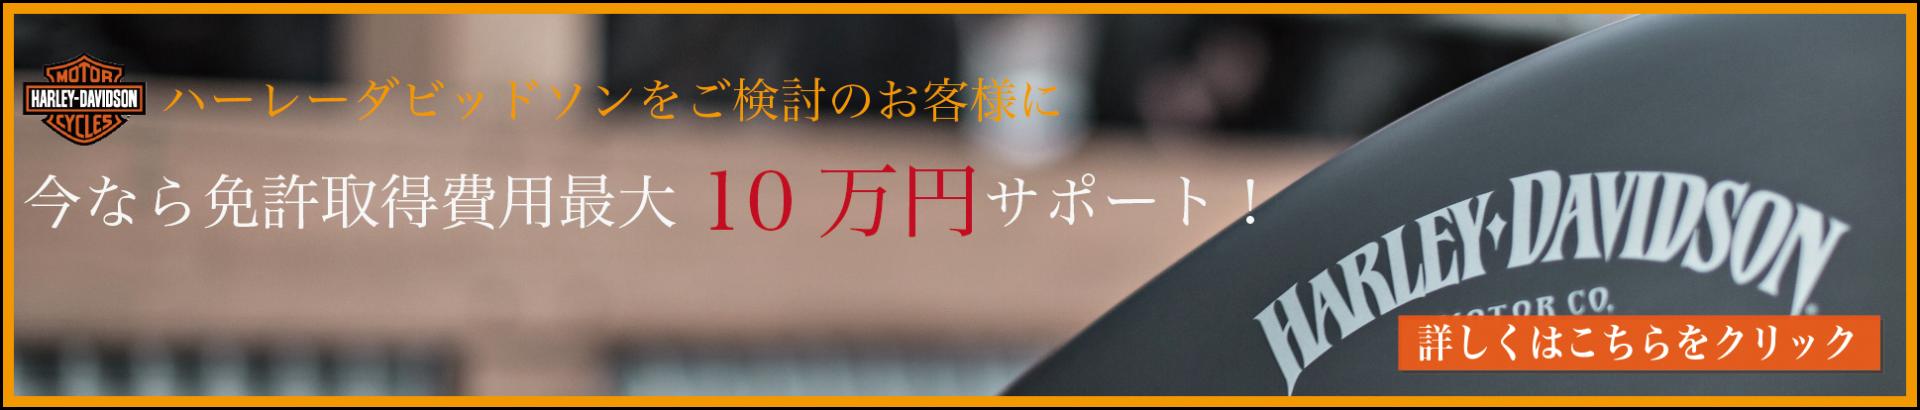 banner_sample